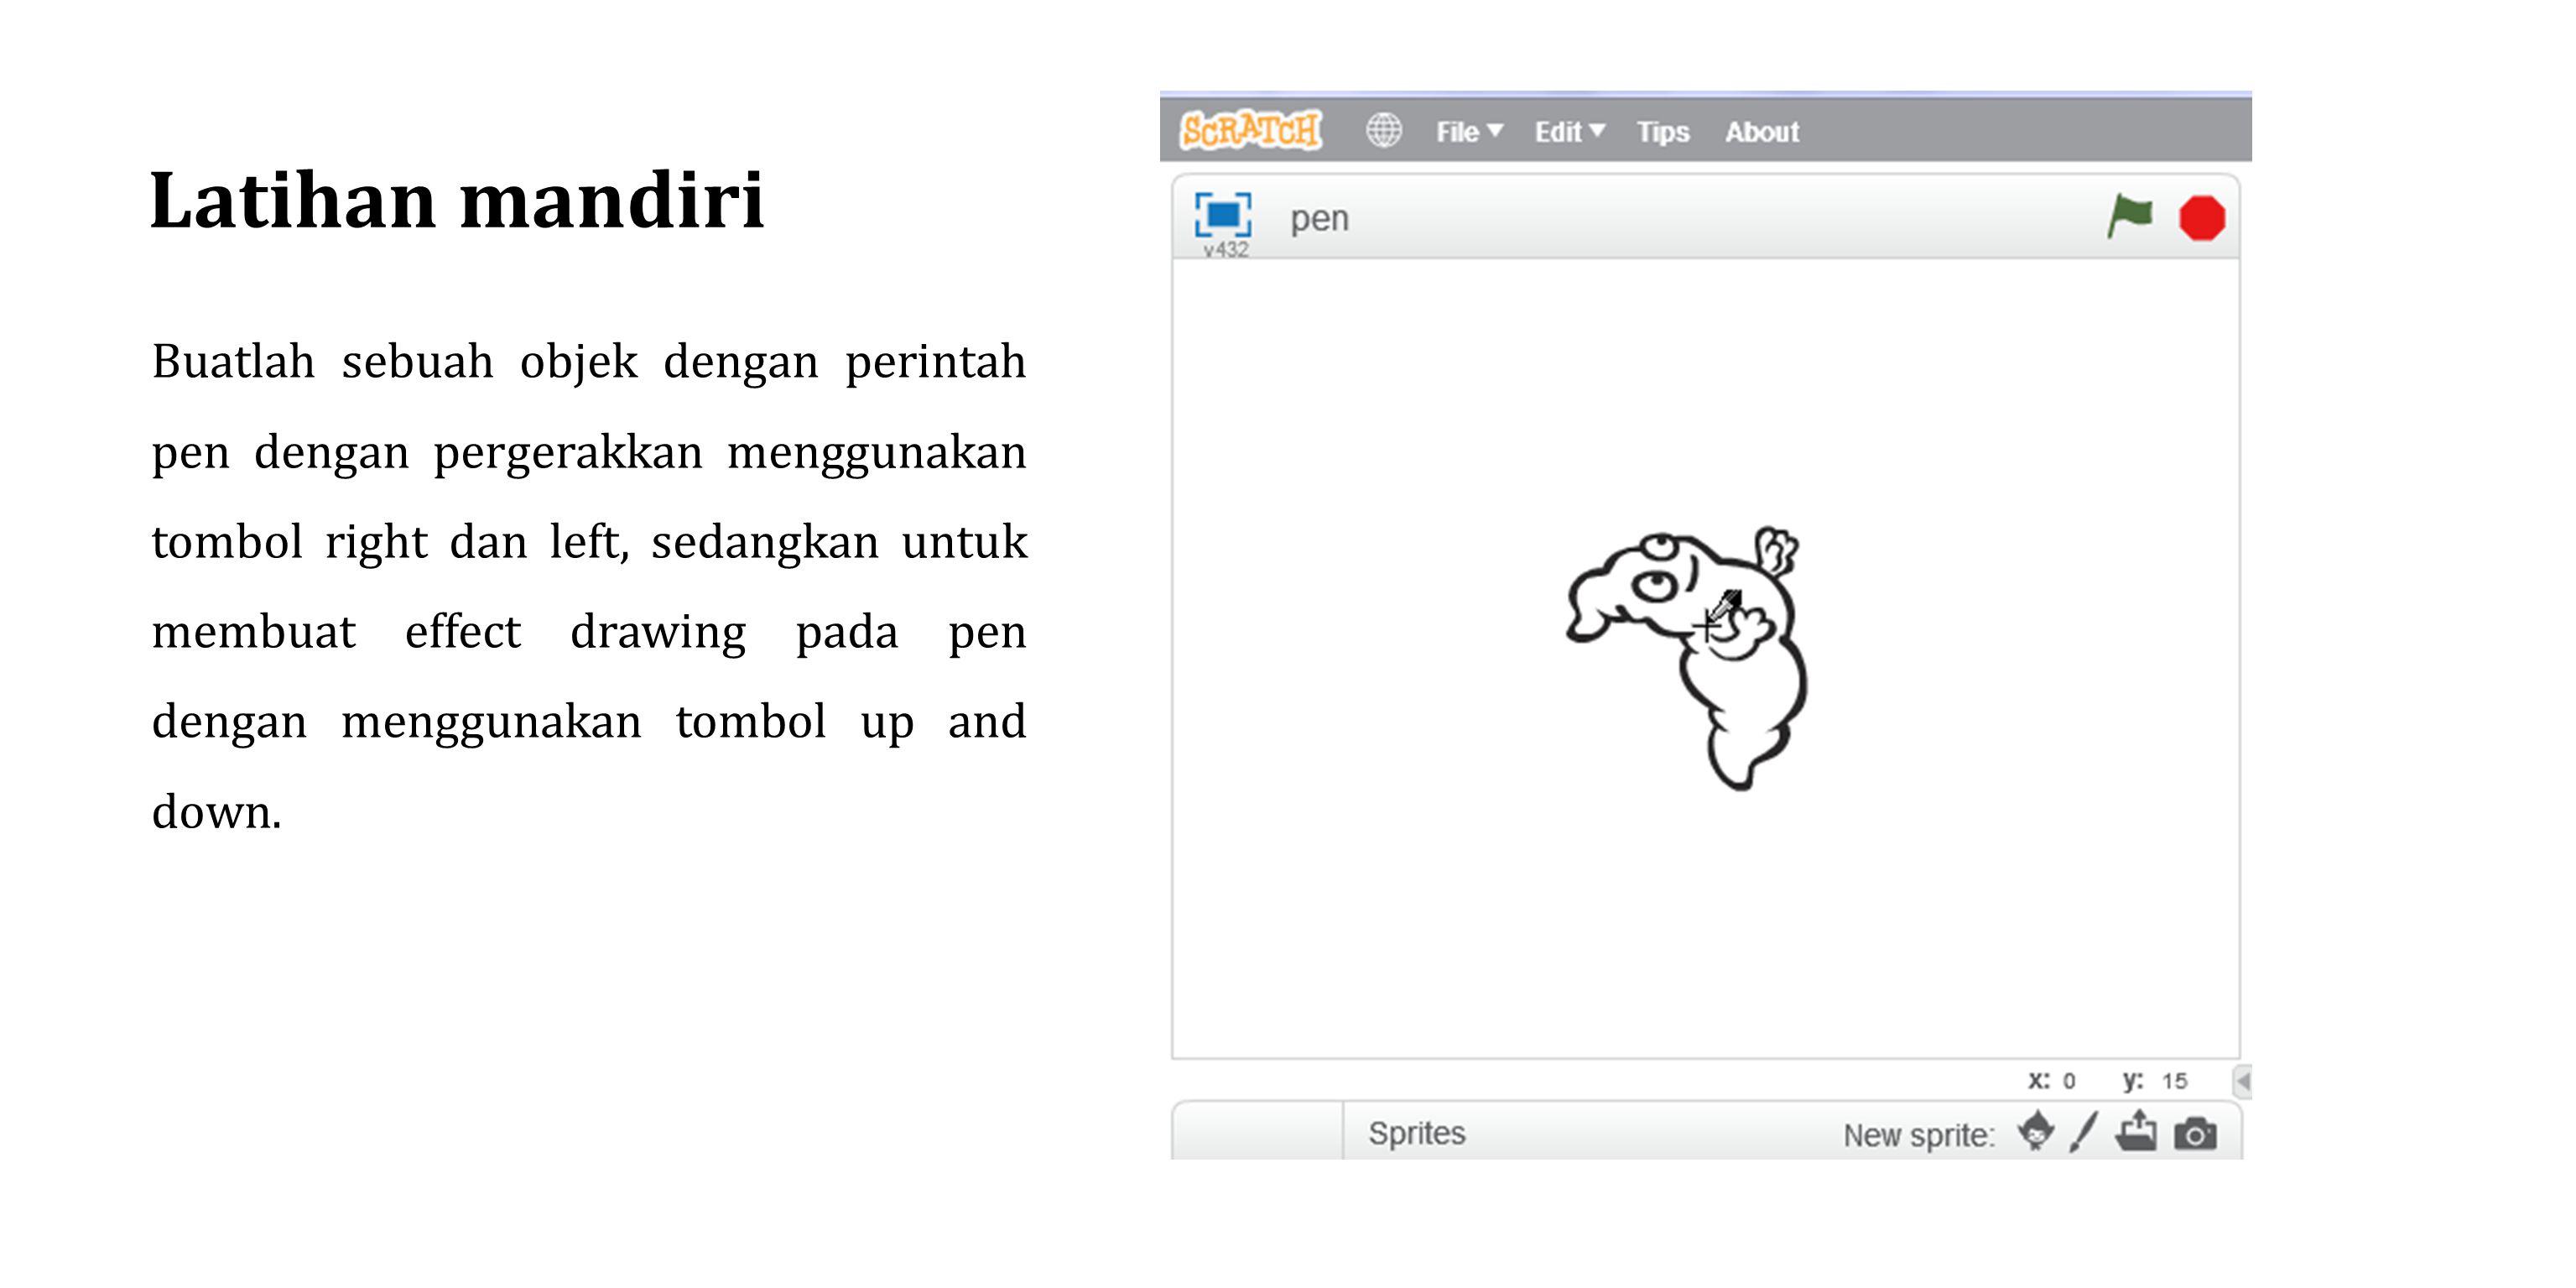 Latihan mandiri Buatlah sebuah objek dengan perintah pen dengan pergerakkan menggunakan tombol right dan left, sedangkan untuk membuat effect drawing